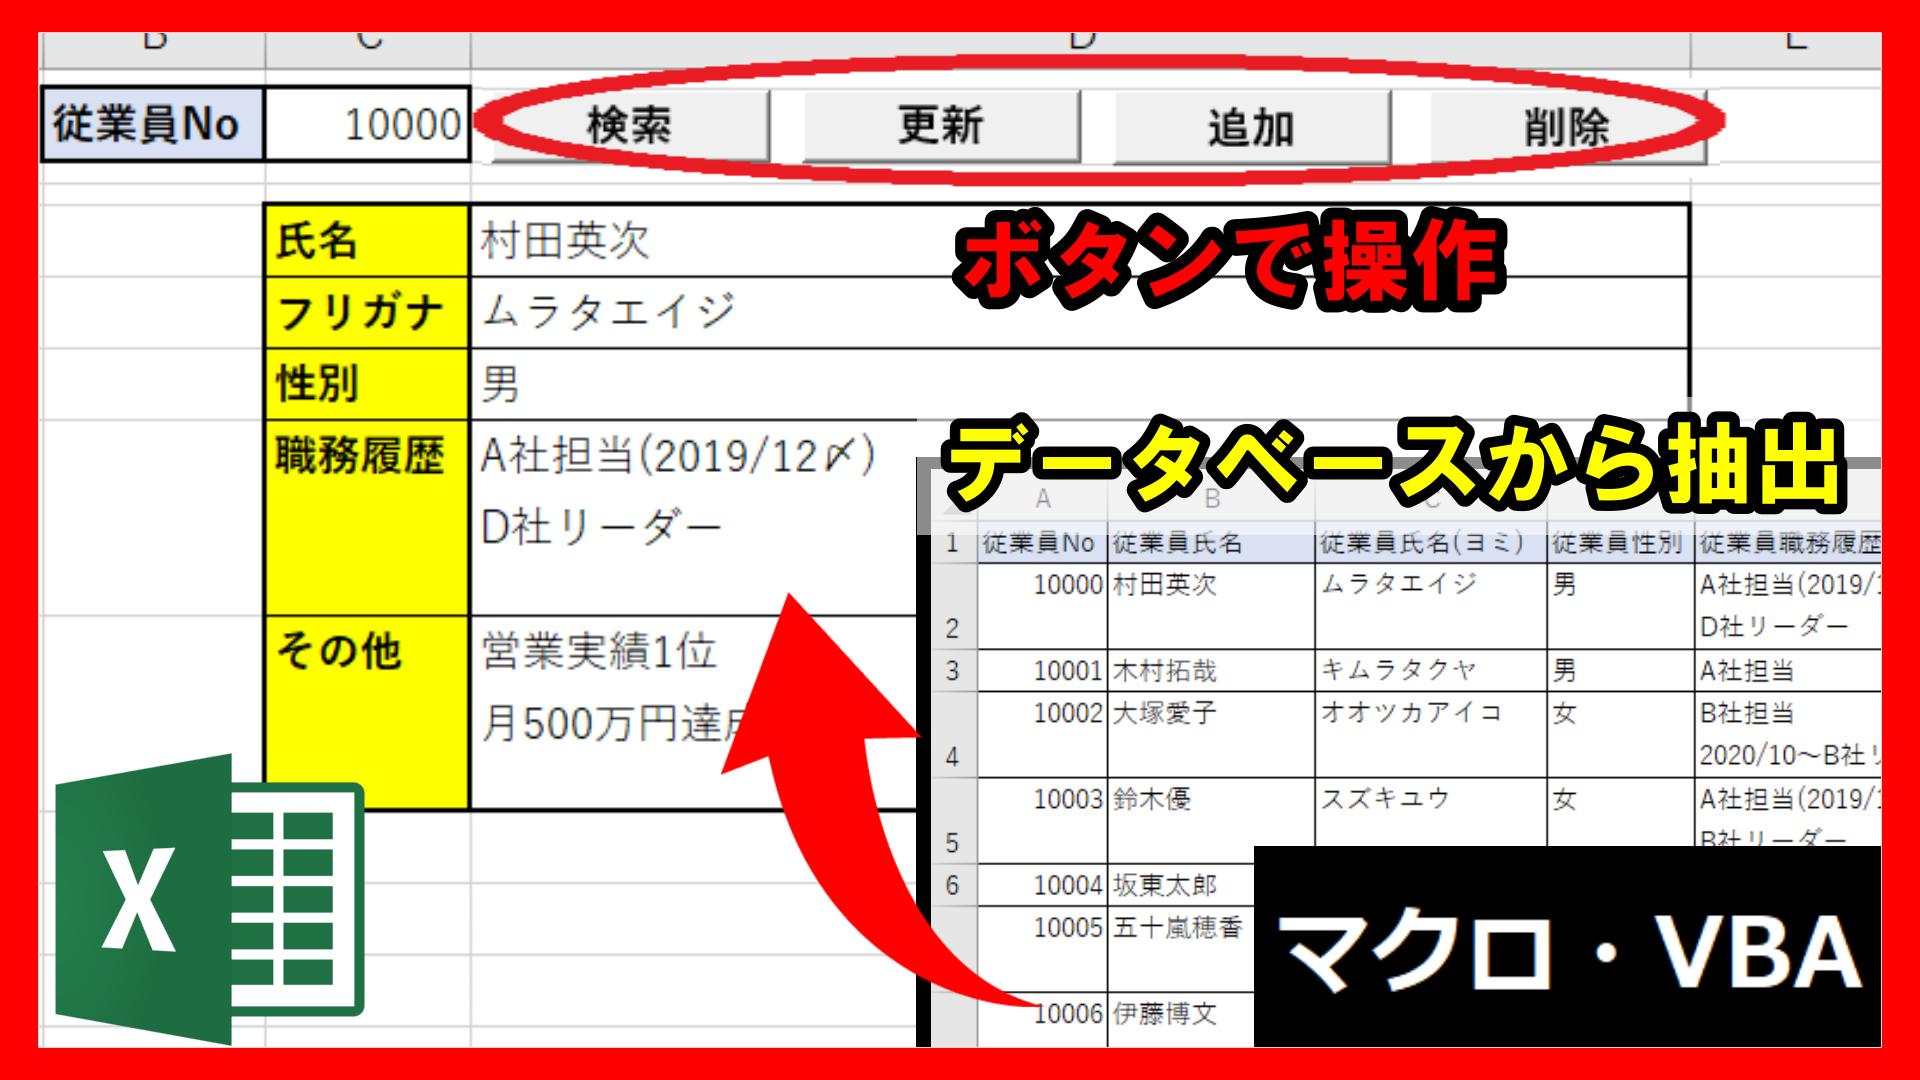 【業務】データベースで(従業員・顧客)管理システム